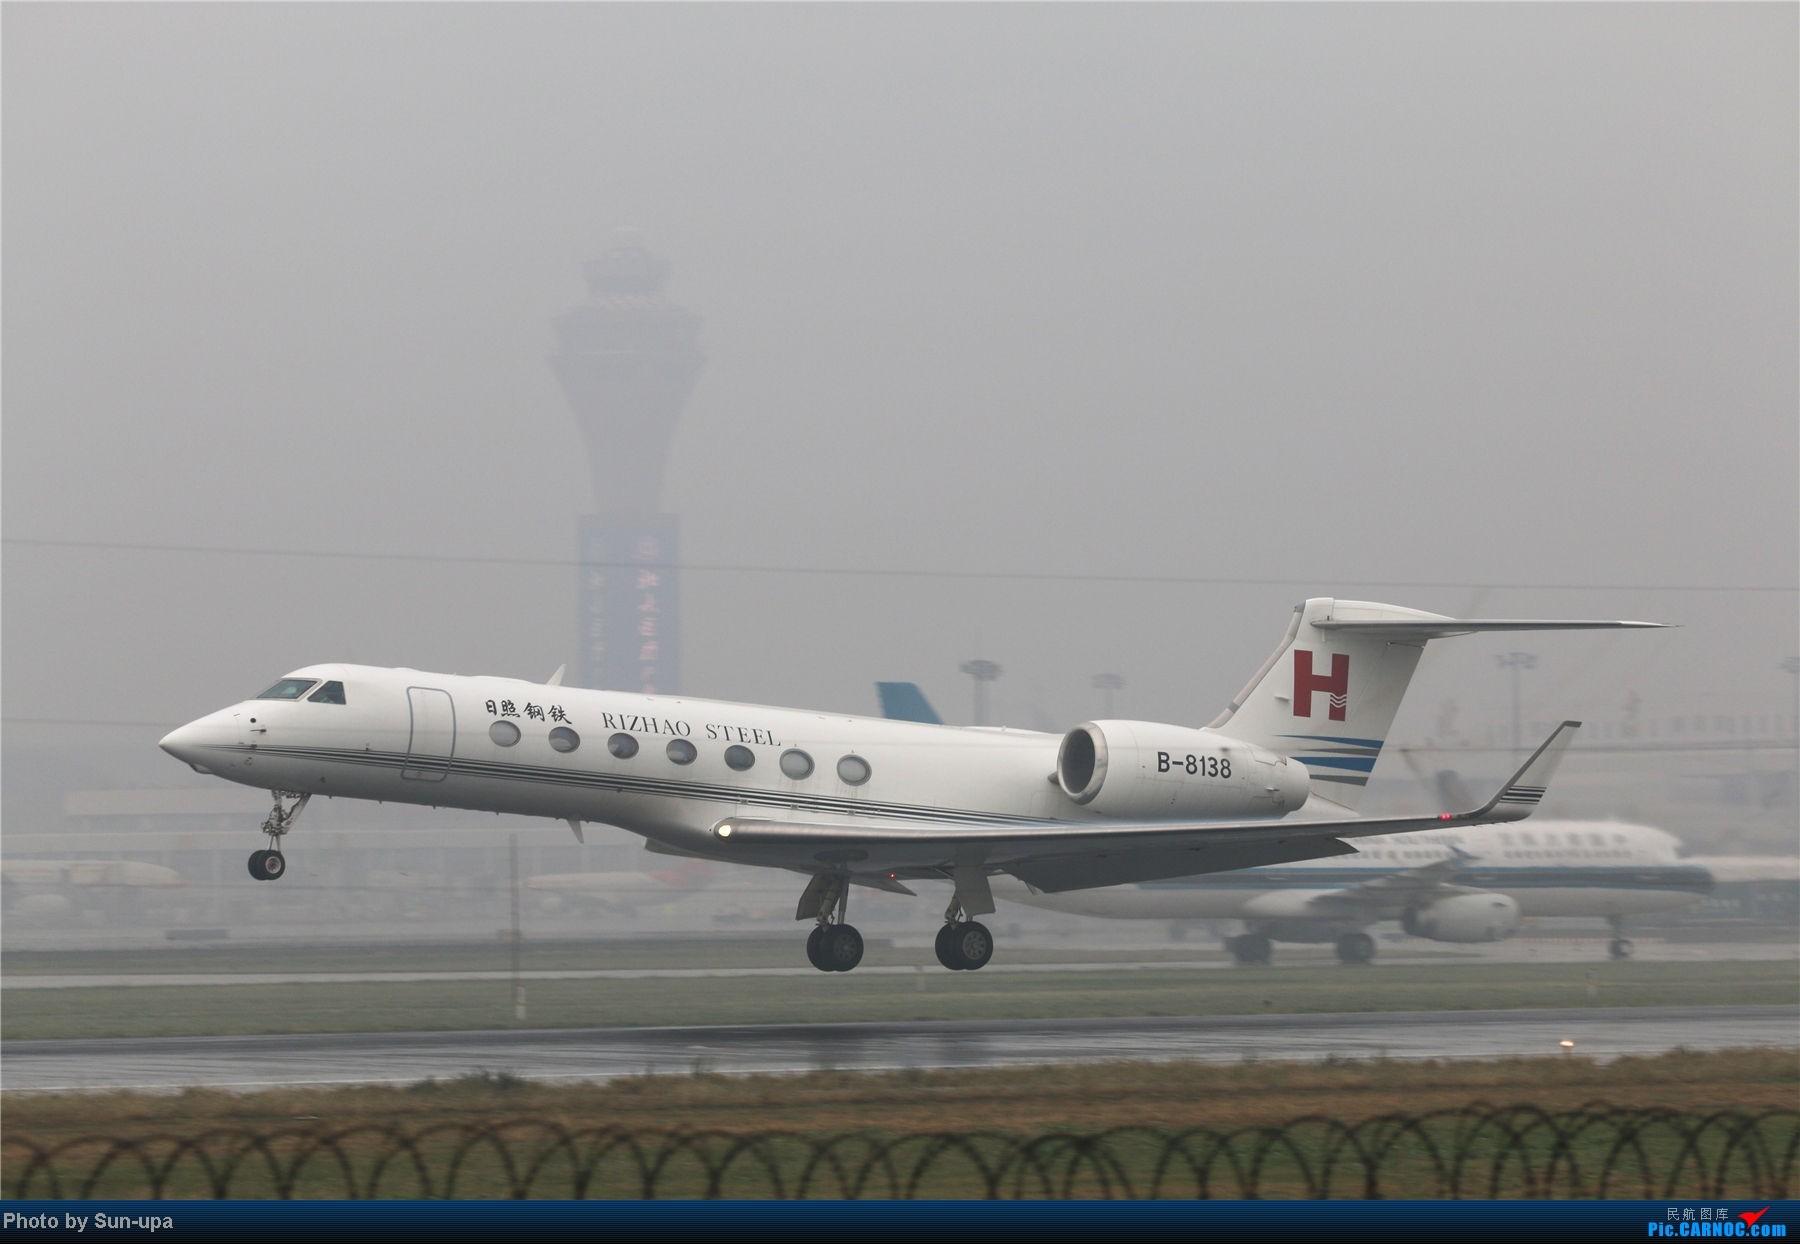 Re:[原创]冷雨天冒着雨拍了一下午 终于等到国航747-8 还有很多好货 EMBRAER E-175 B-8138 中国北京首都机场